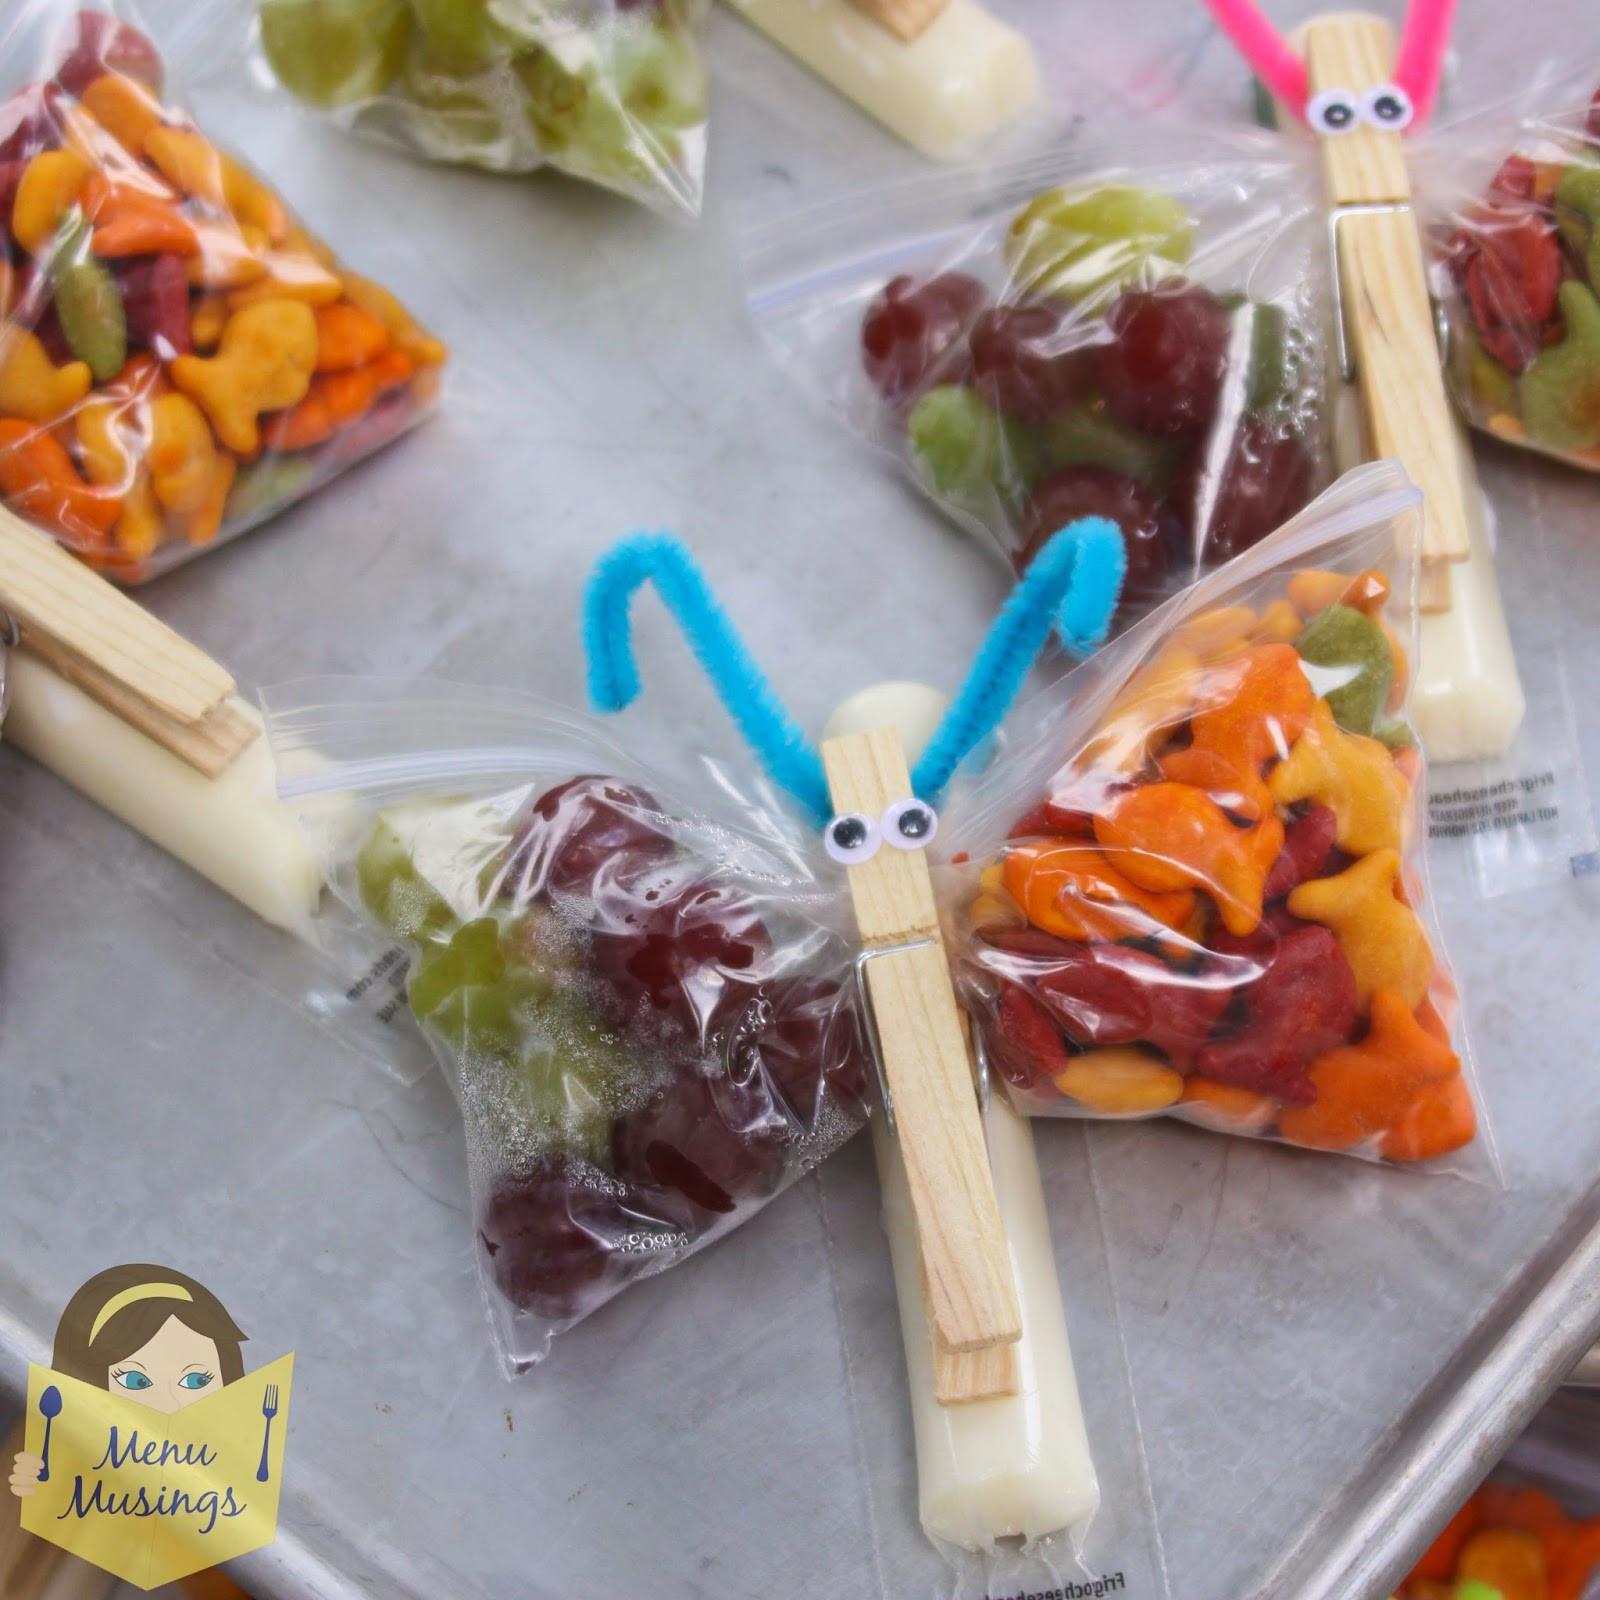 Healthy Bagged Snacks  Menu Musings of a Modern American Mom Butterfly Snack Bags